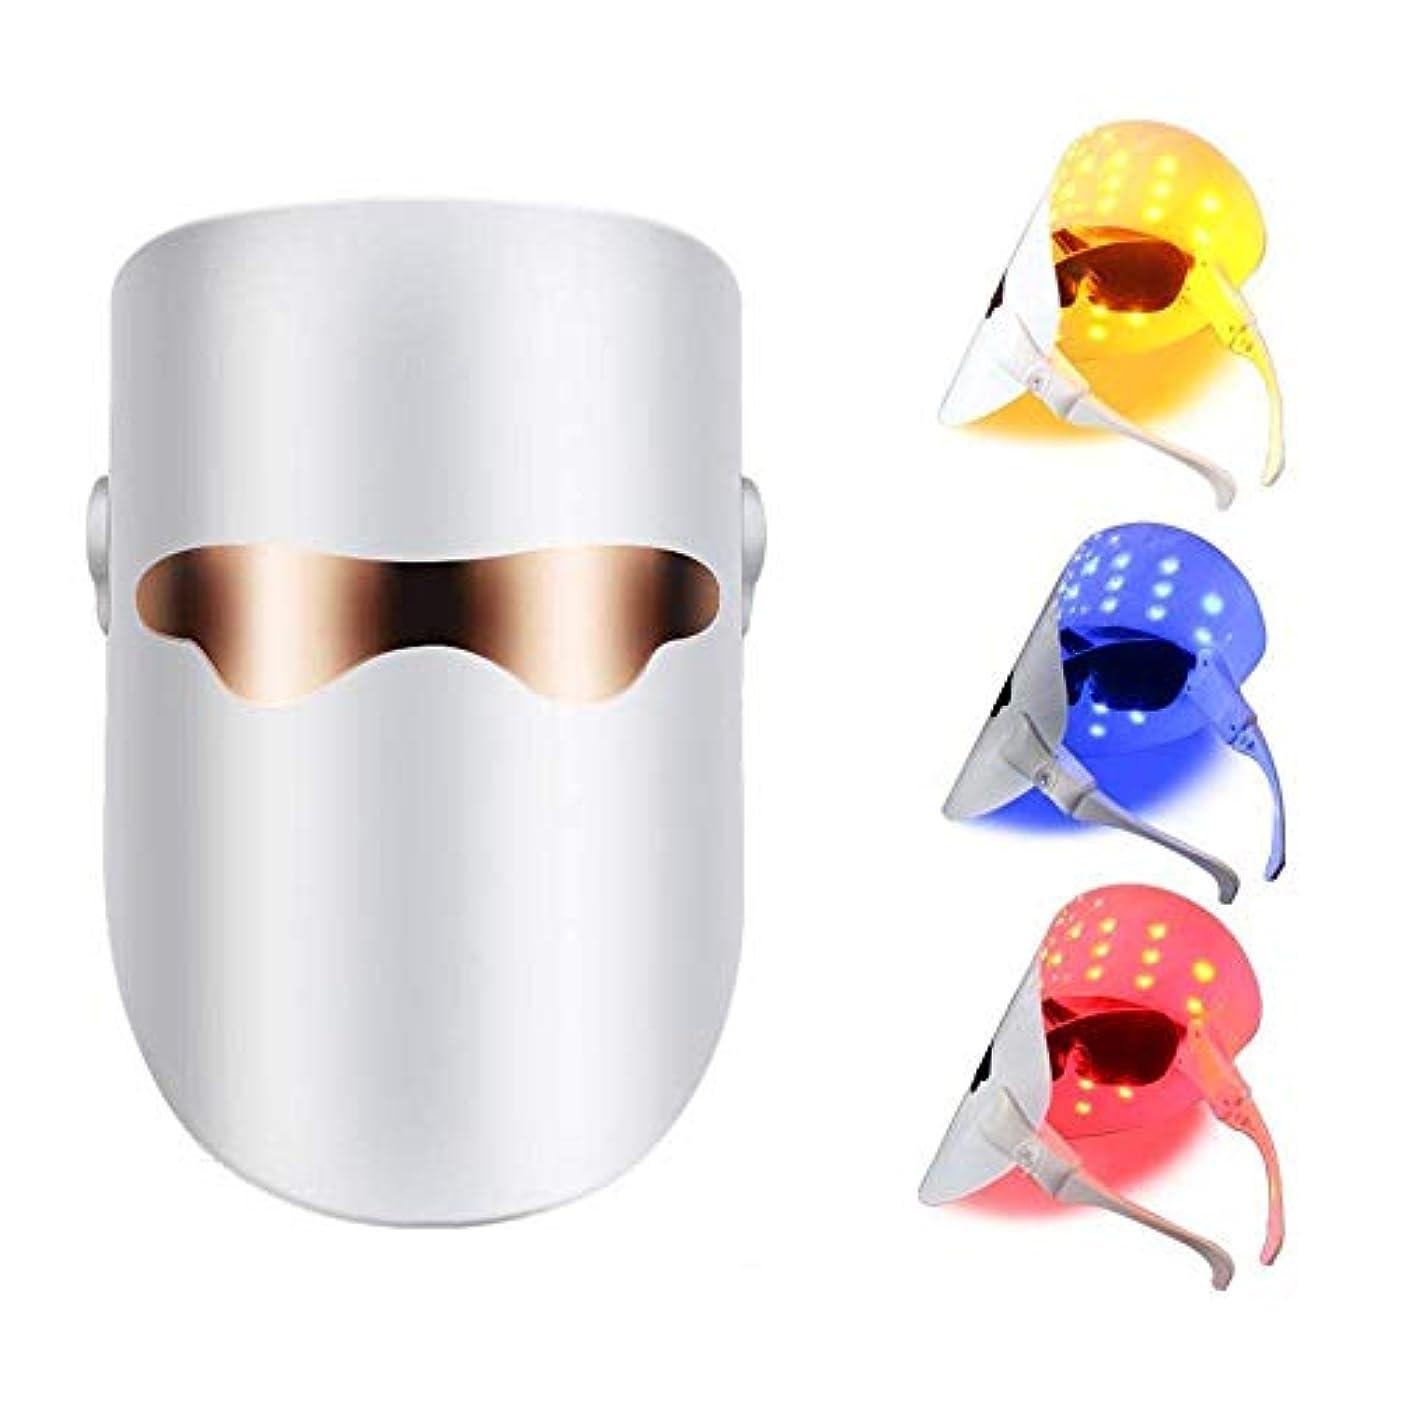 隙間生技術的なLEDマスクフェイスアンチアクネスキンリジュビネーションマスクフェイシャルホワイトニングファーミングスキンライトセラピー